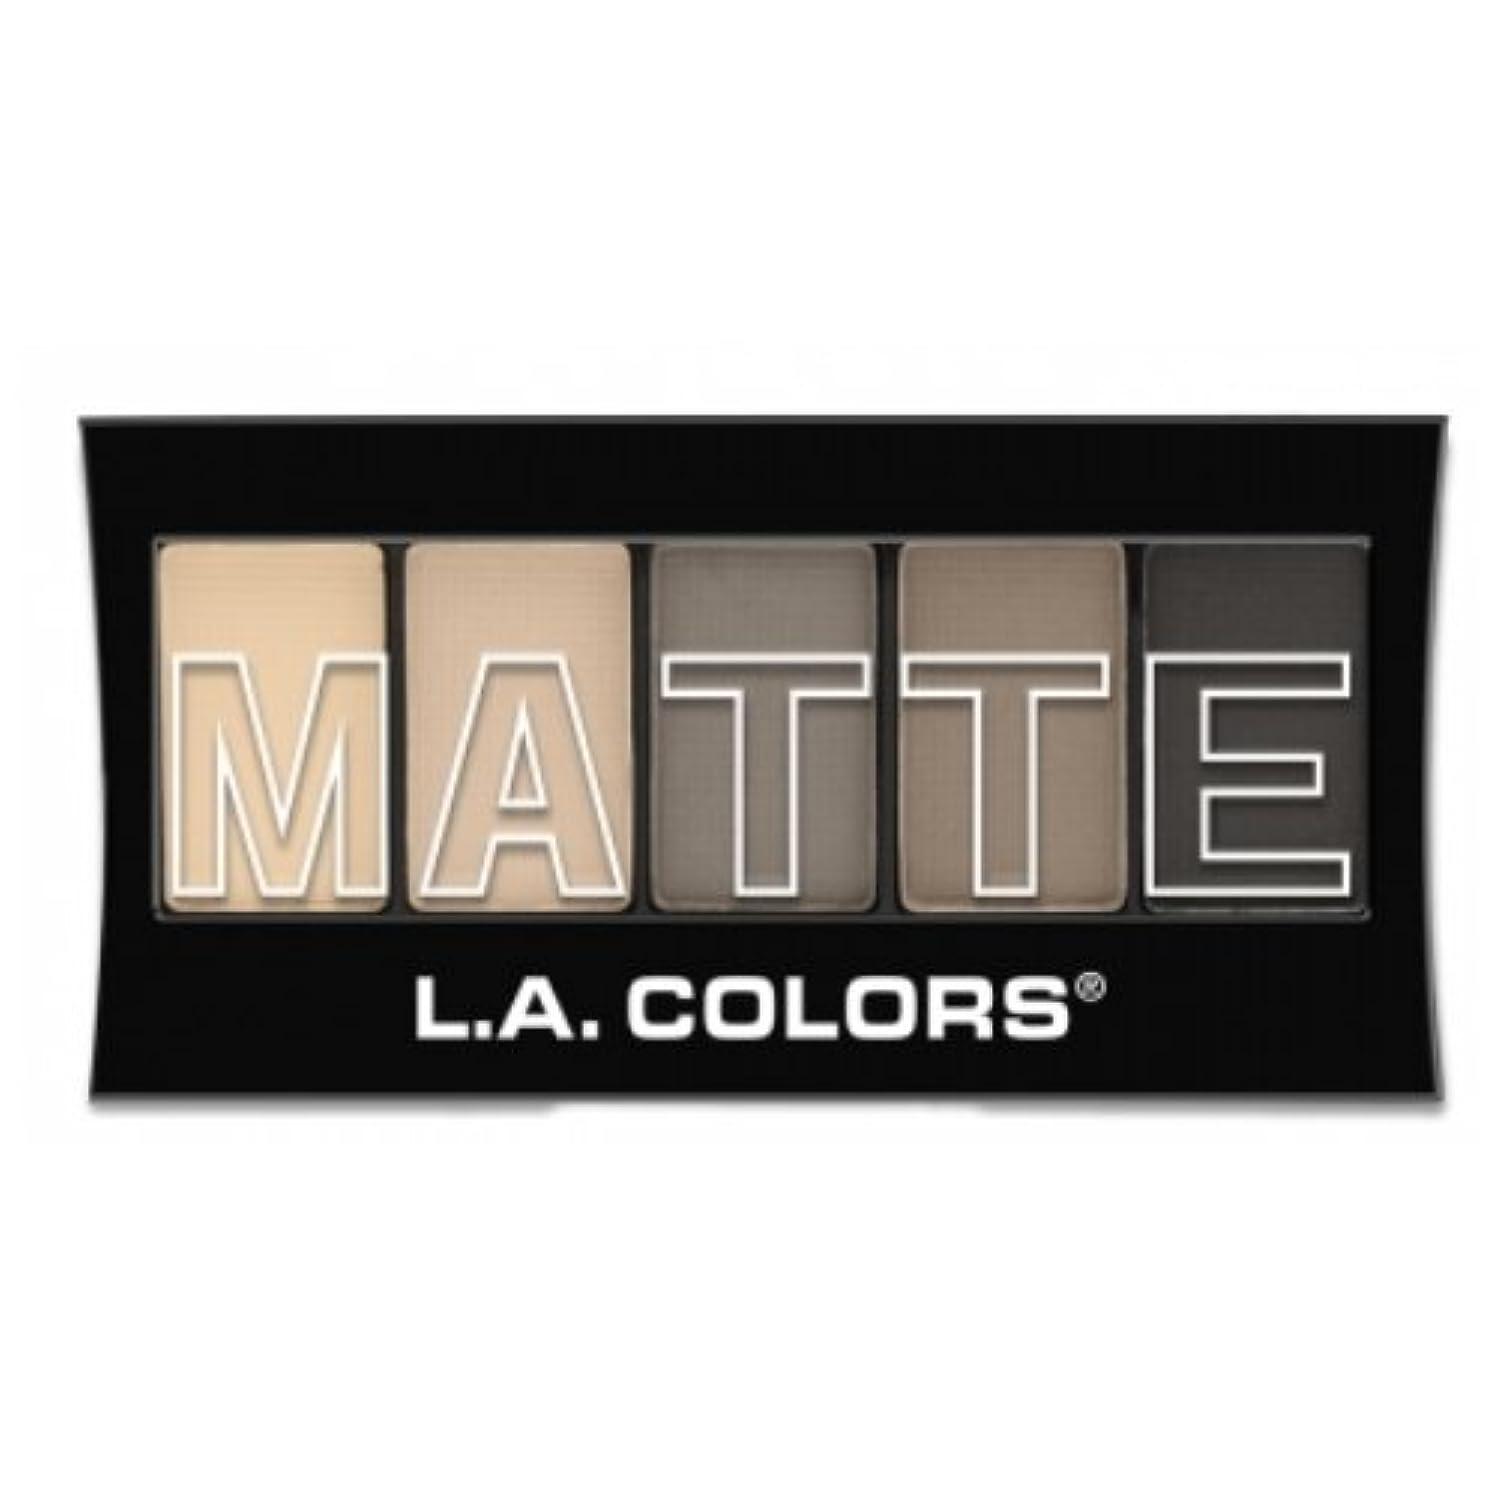 ビタミン可能性オーナメント(6 Pack) L.A. Colors Matte Eyeshadow - Nude Suede (並行輸入品)